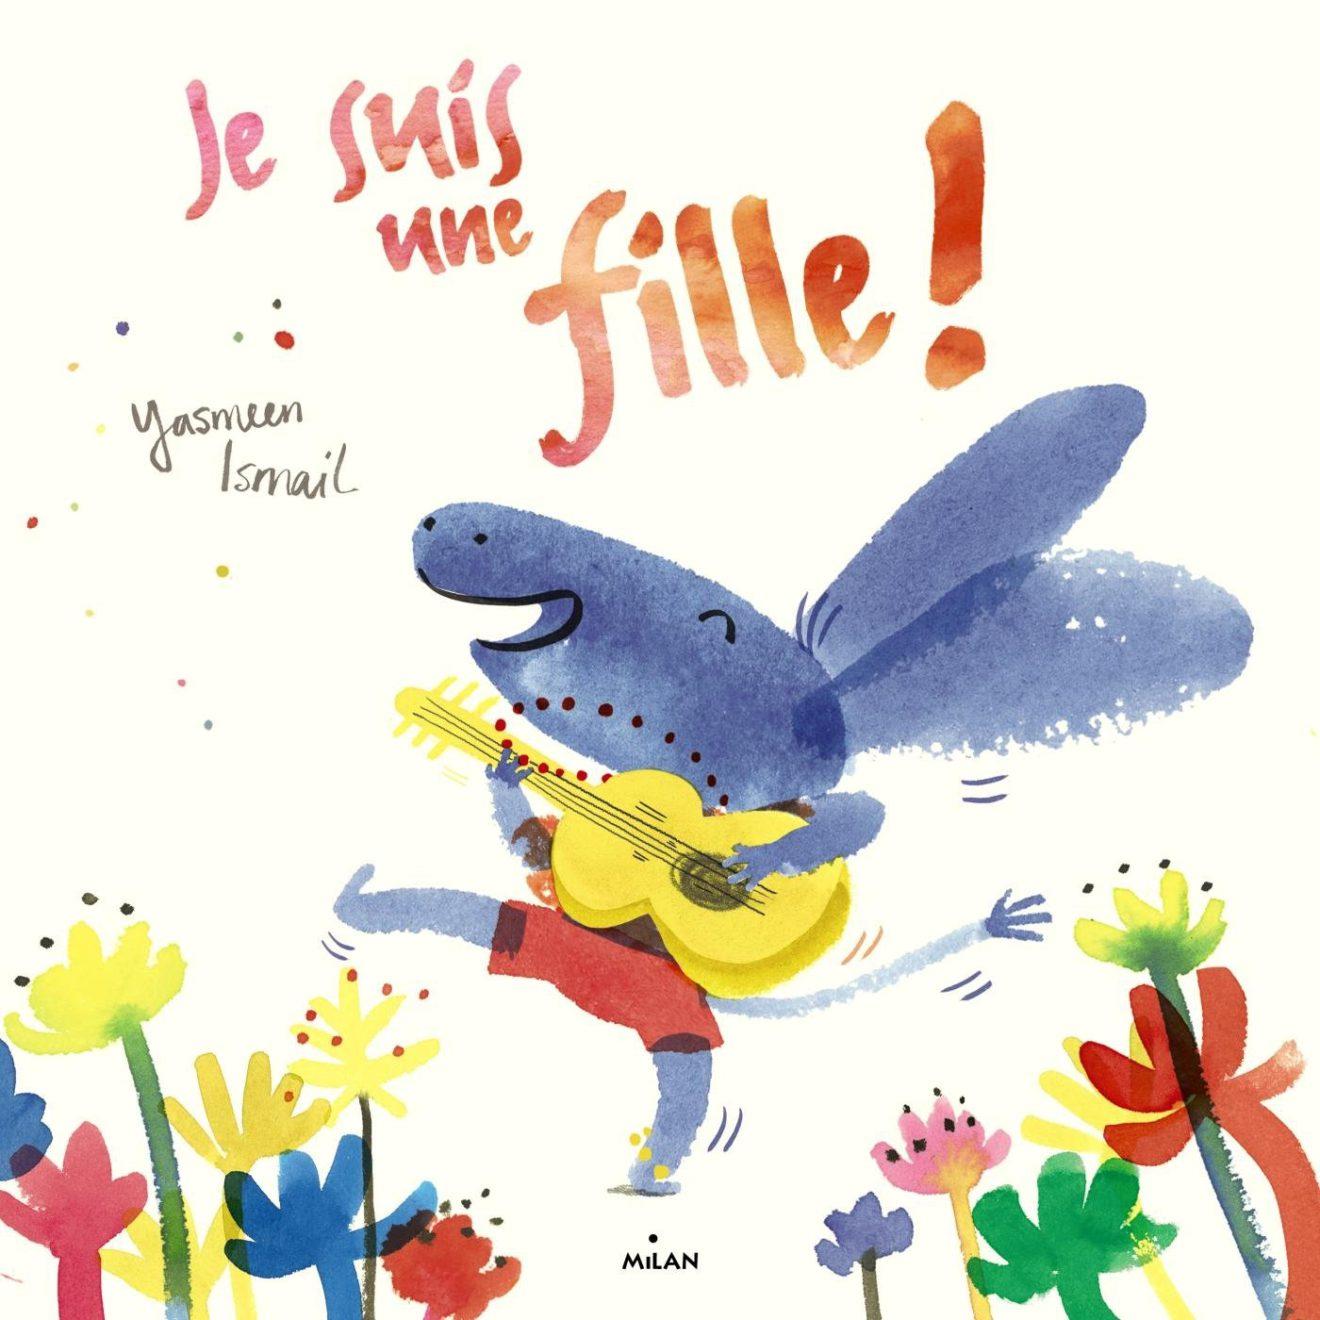 livre pour enfants brindacier 2016 : je suis une fille